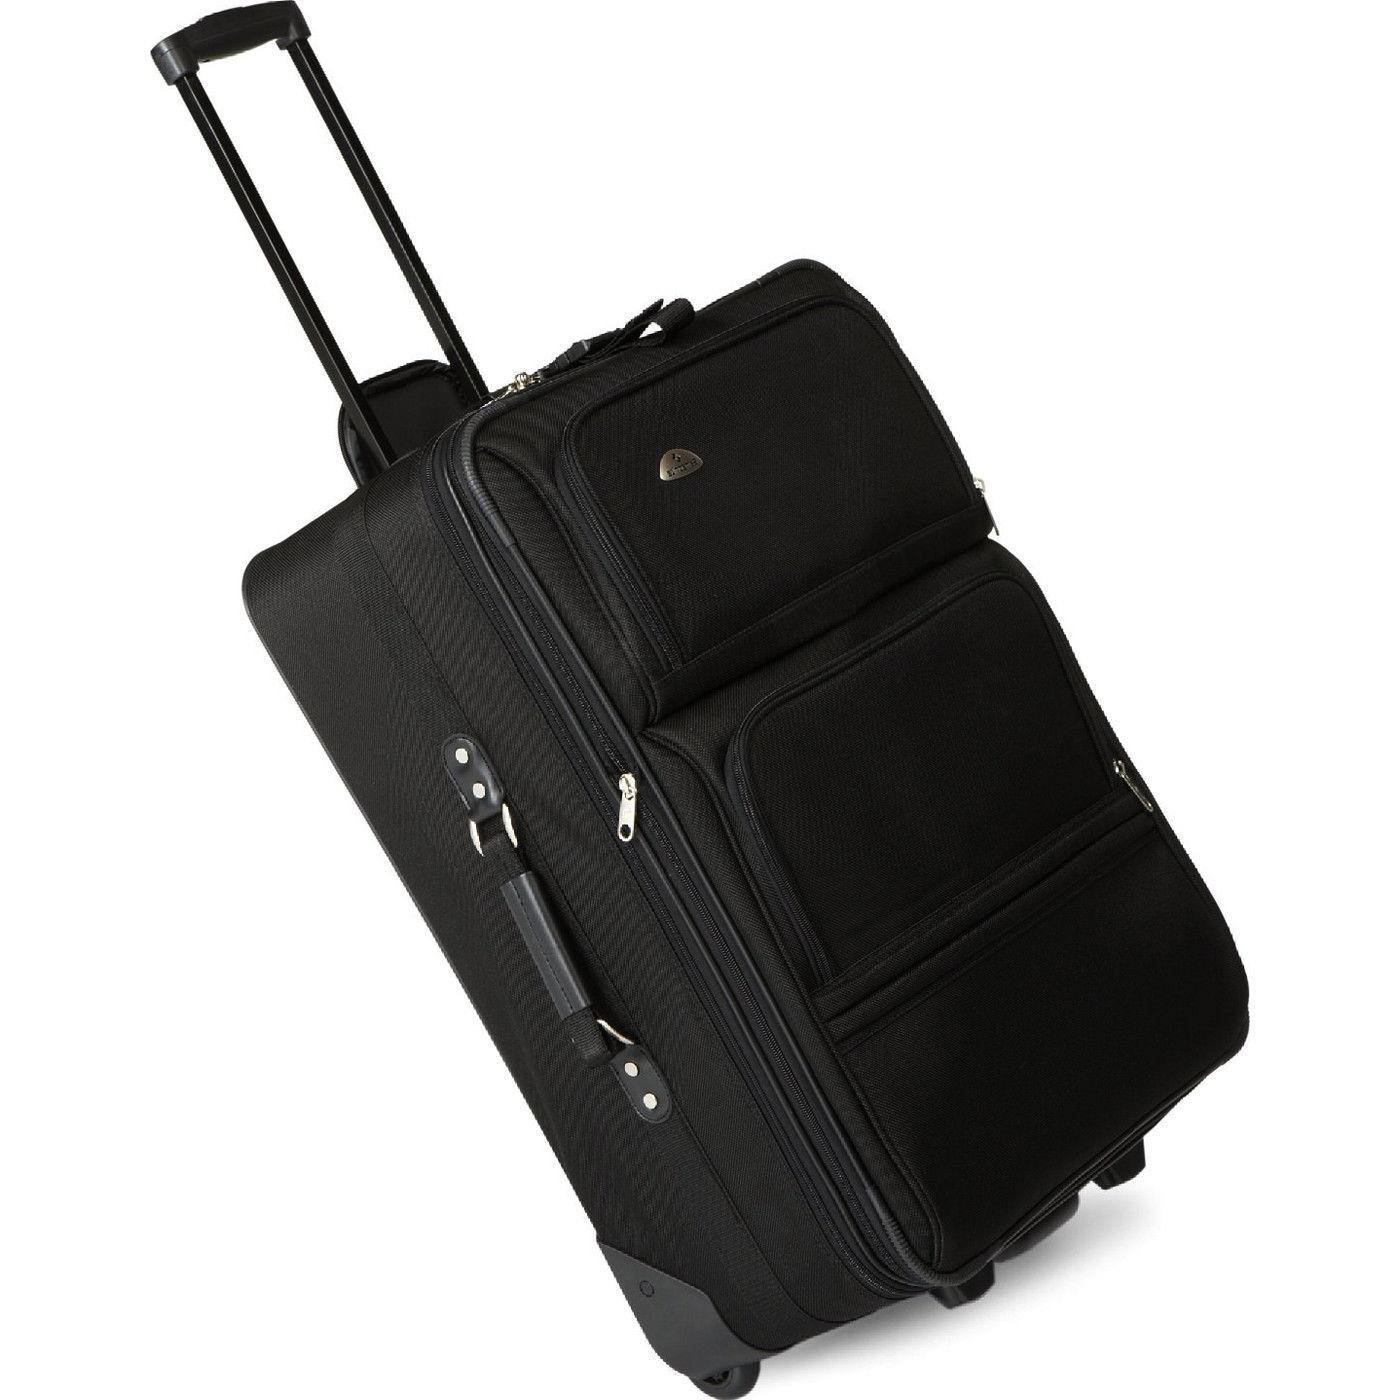 Samsonite 5 Piece Luggage Suitcase Set 25 20 & More